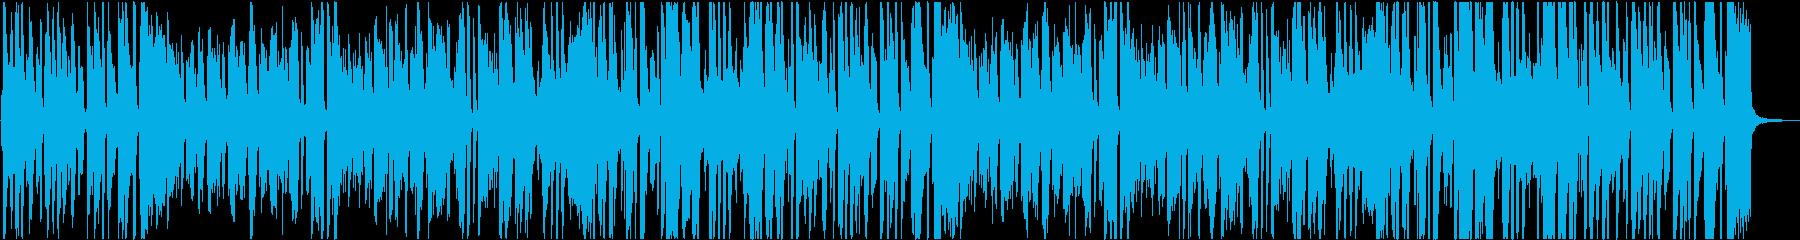 ブラスとバイブのジャズ版「ジングルベル」の再生済みの波形